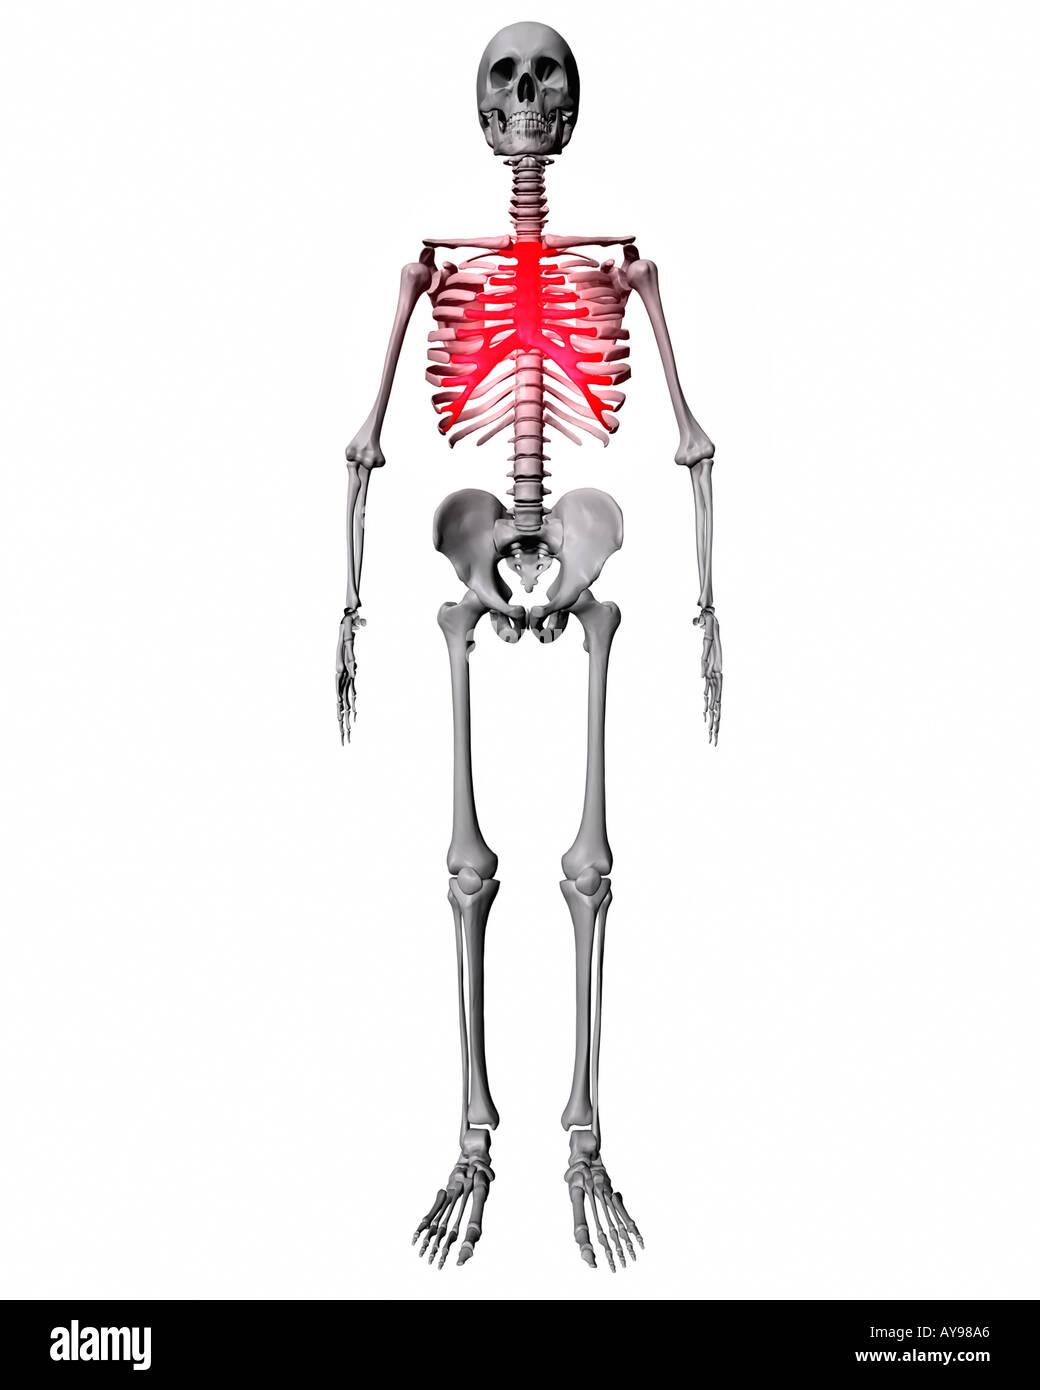 Niedlich Brust X Ray Anatomie Zeitgenössisch - Anatomie Ideen ...